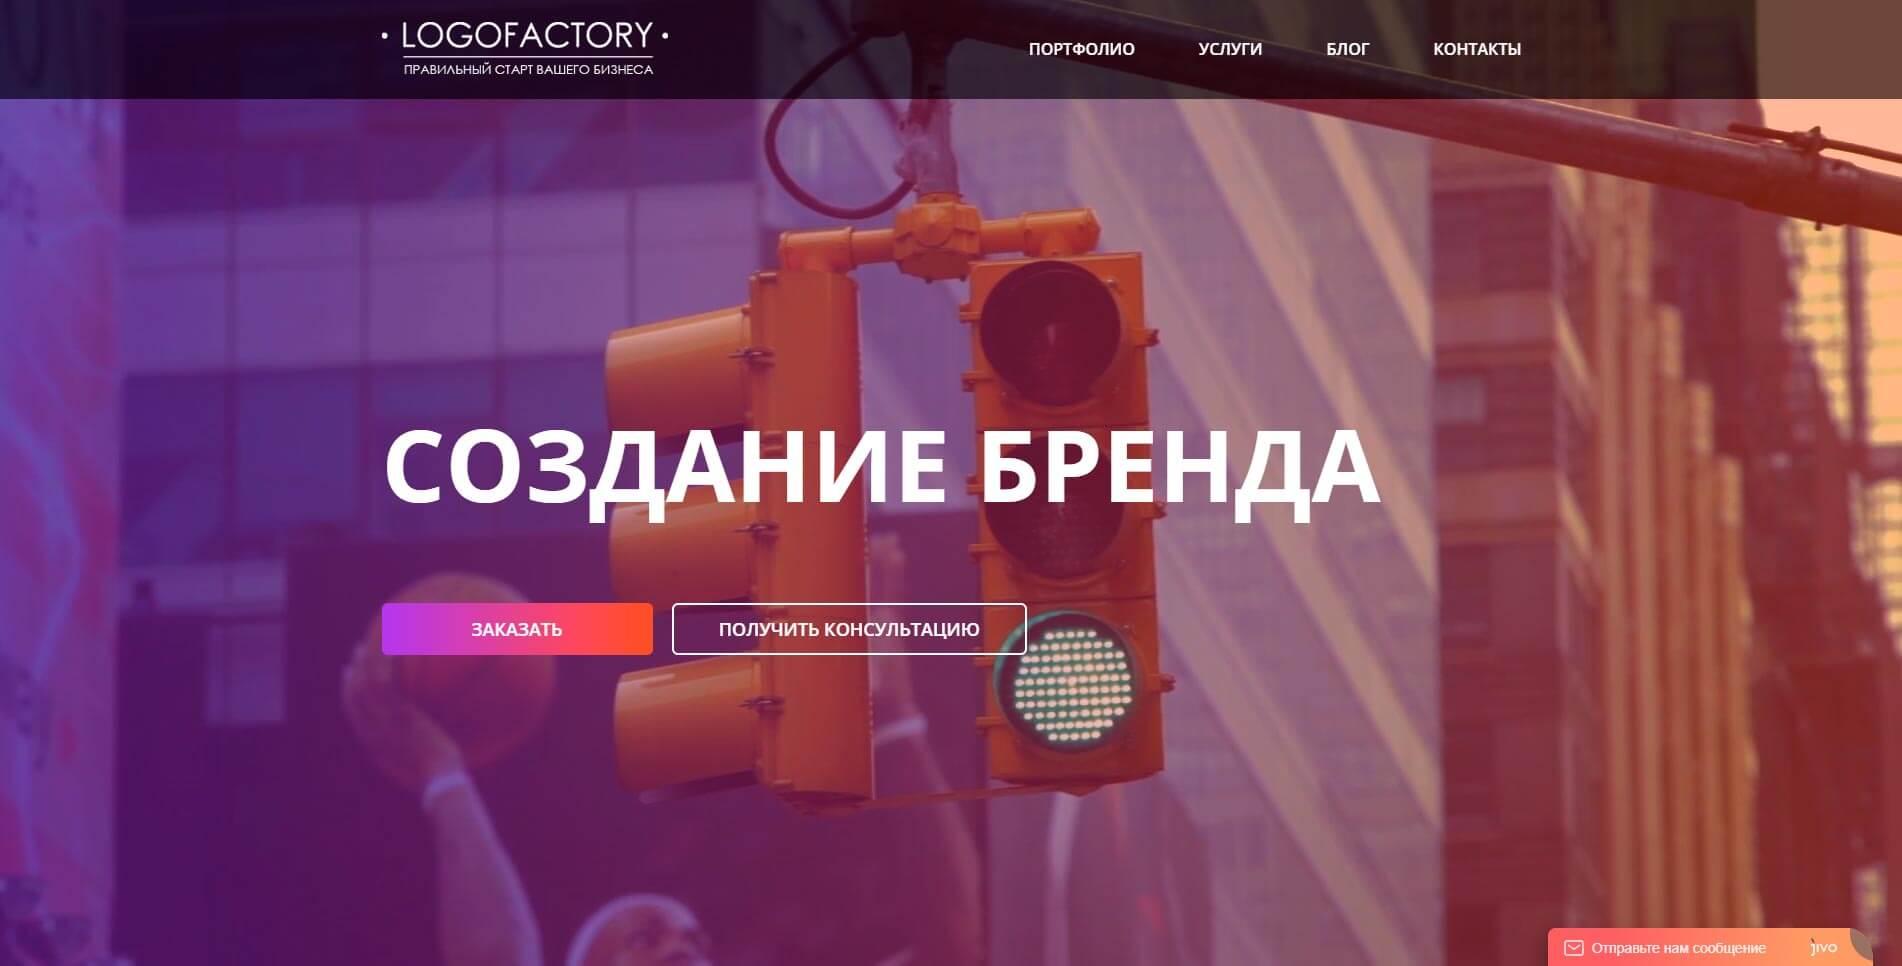 LogoFactory - обзор компании, услуги, отзывы, клиенты, Фото № 1 - google-seo.pro